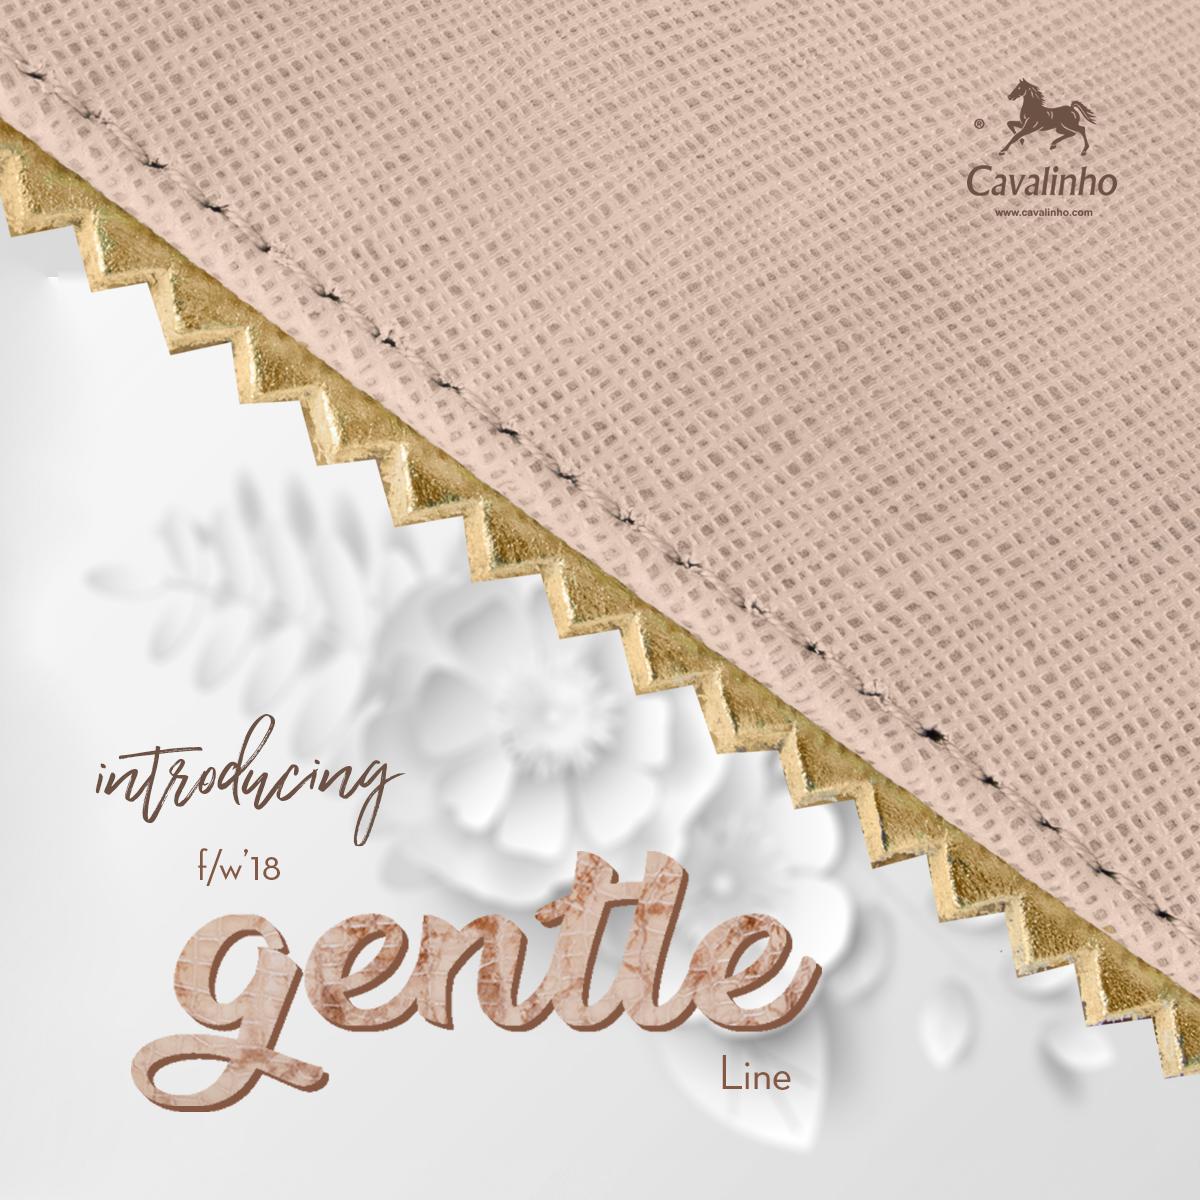 gentle-line